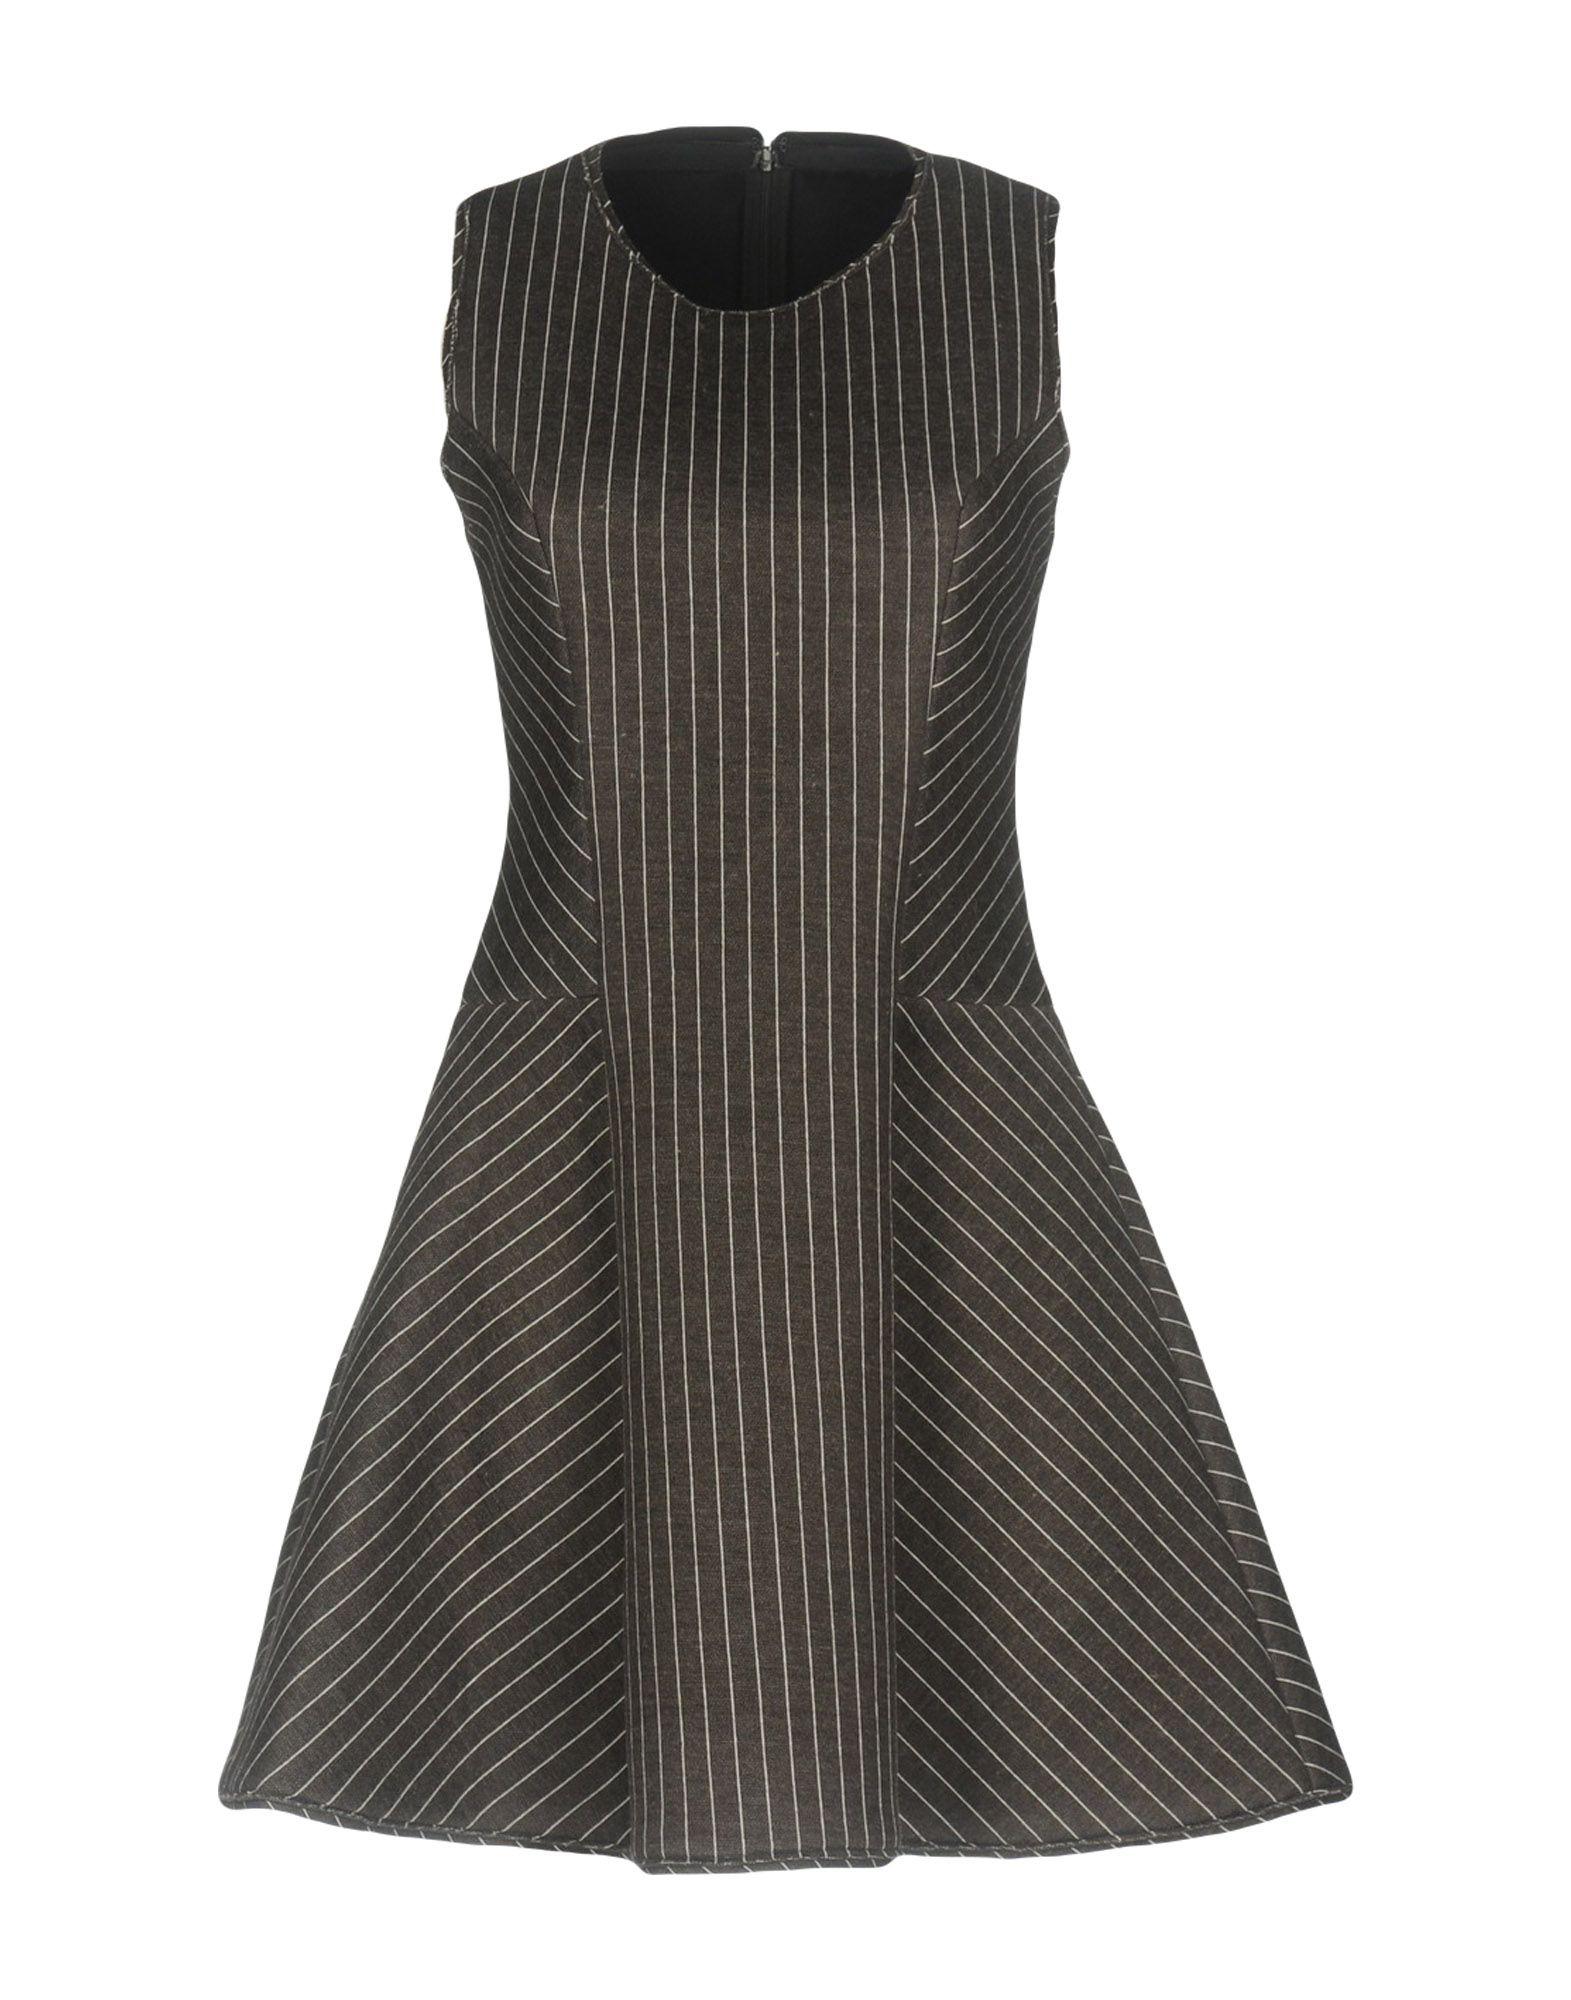 JONATHAN SIMKHAI Короткое платье jonathan simkhai юбка до колена